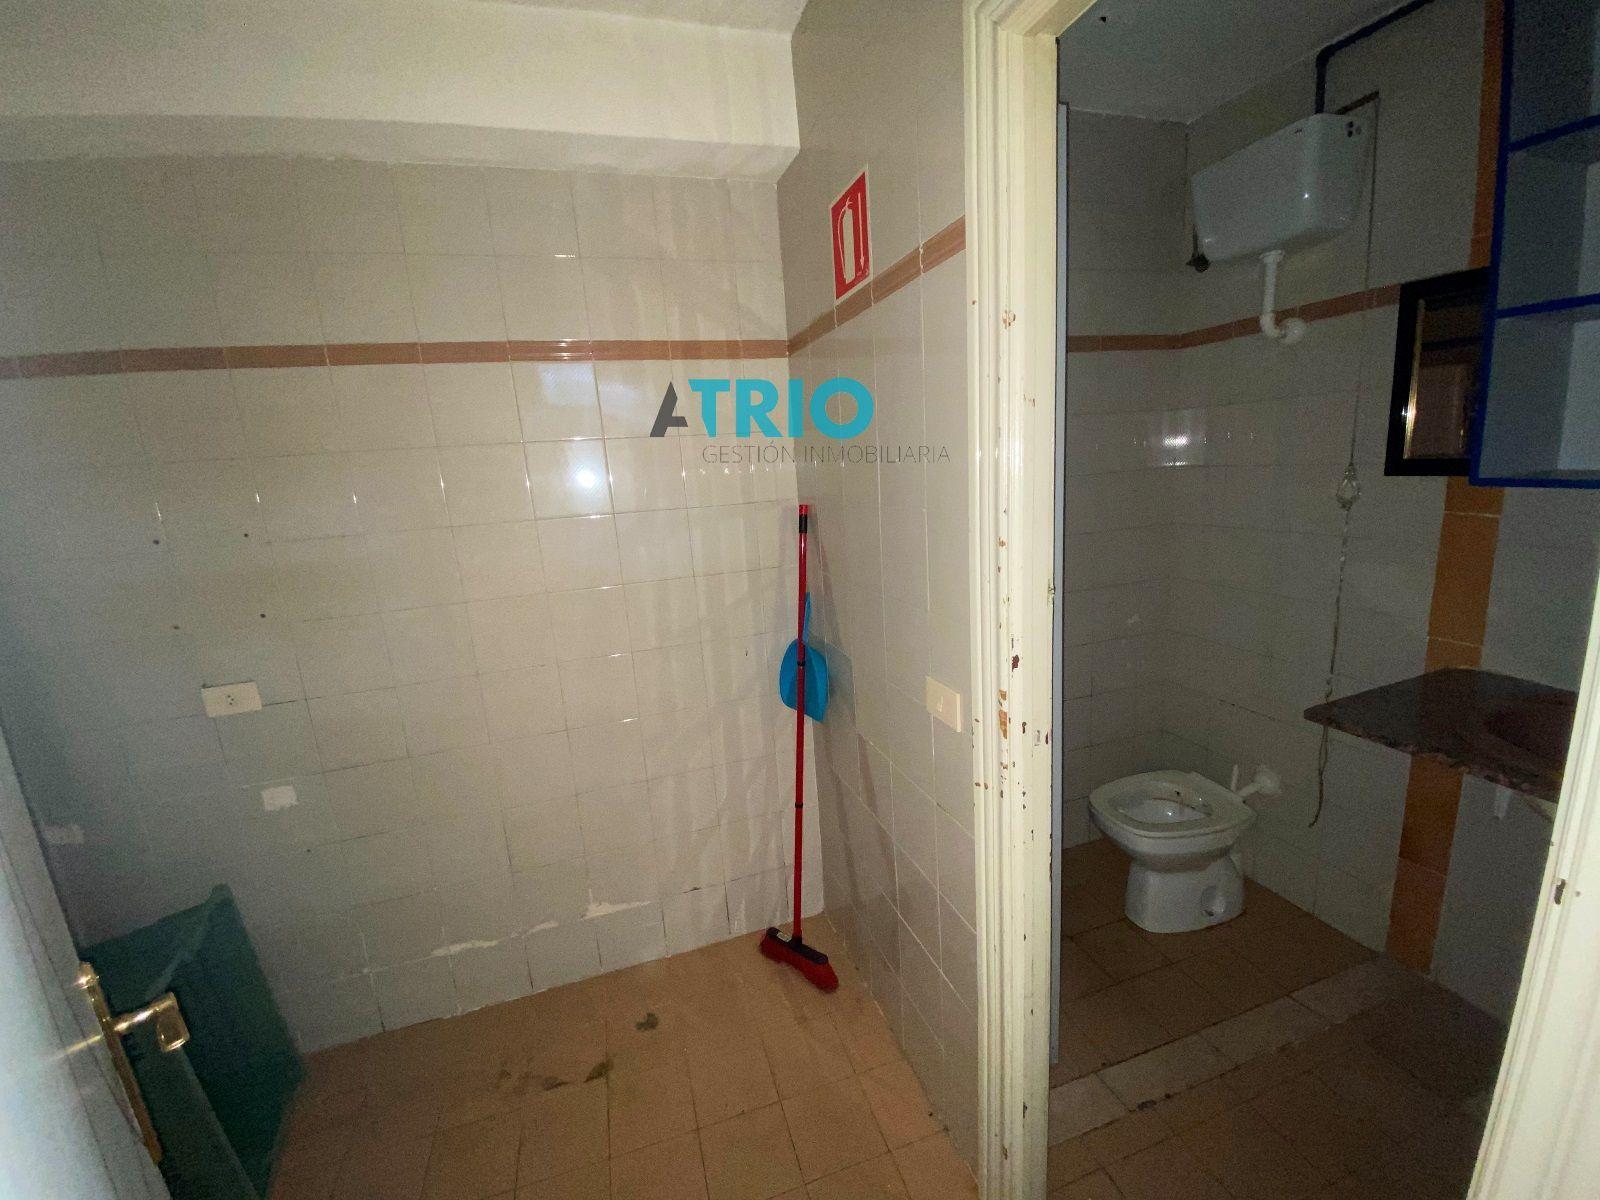 dia.mobiliagestion.es/Portals/inmoatrio/Images/7270/6016550